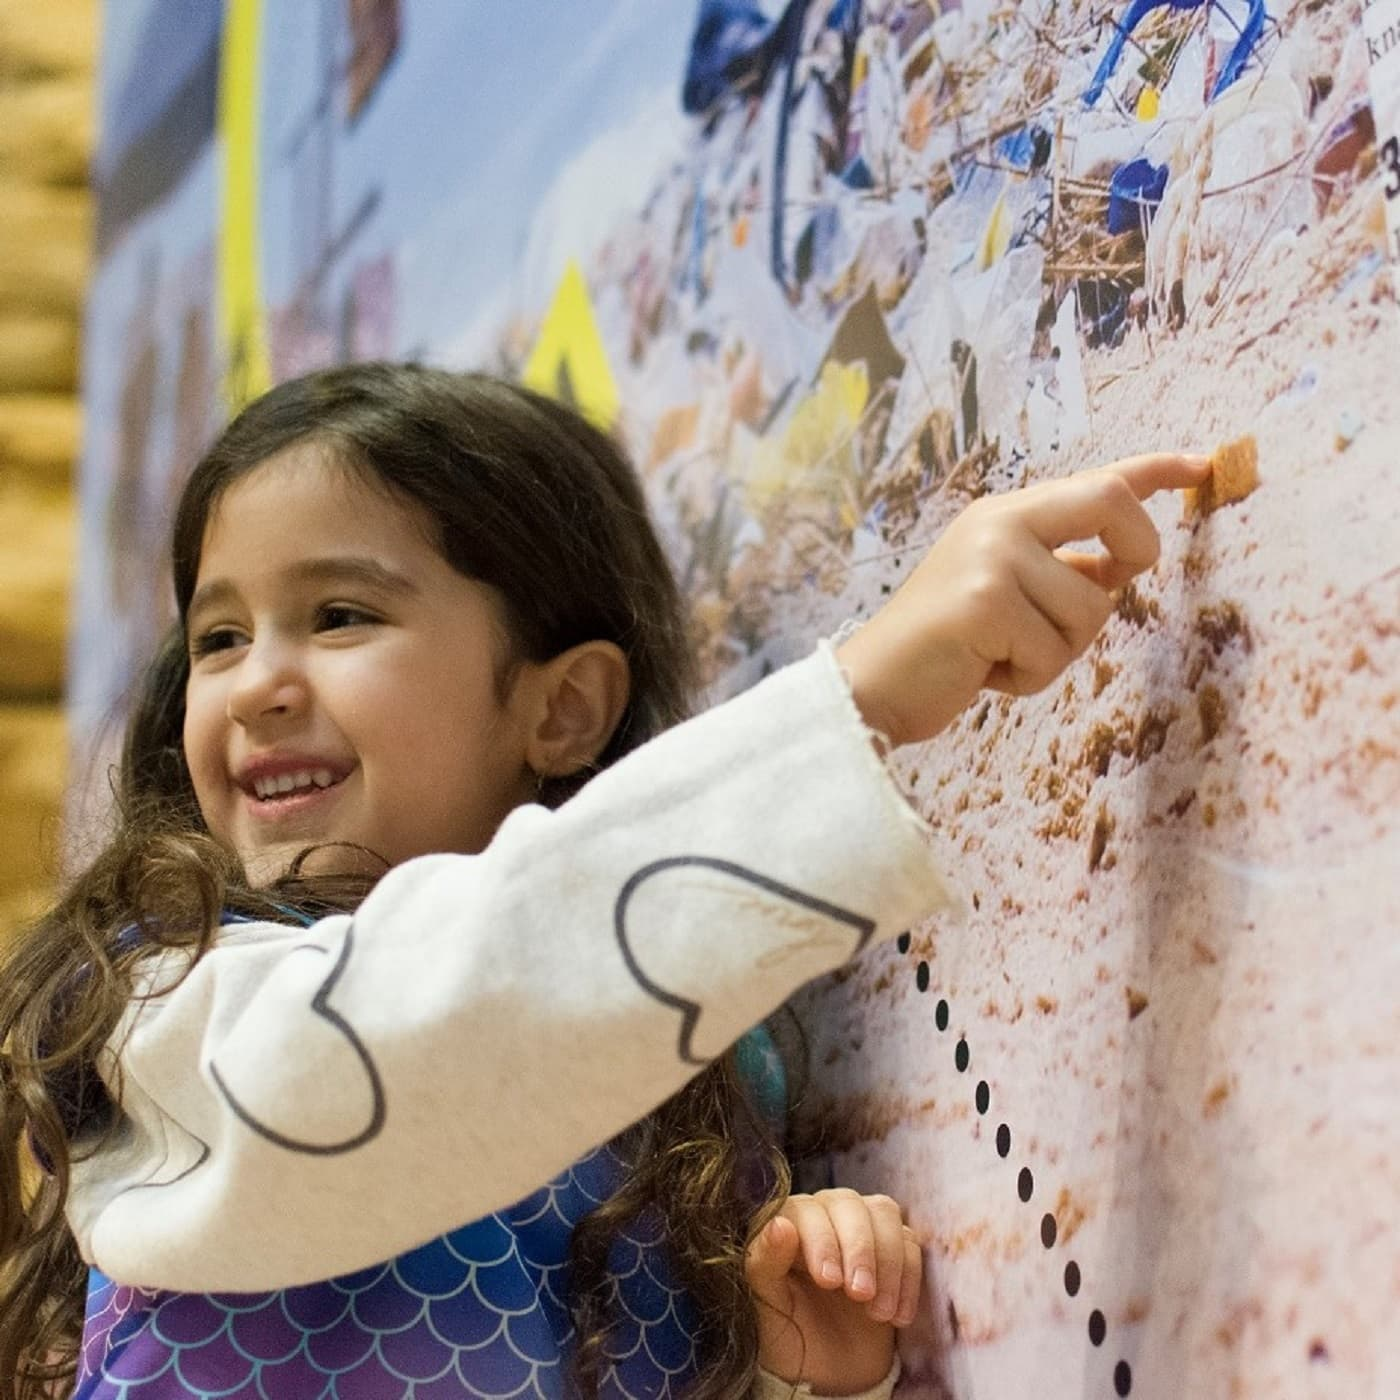 Umwelt-Ausstellung für Kinder in Berlin: Natürlich heute! – Elef erkundet den Strand // HIMBEER